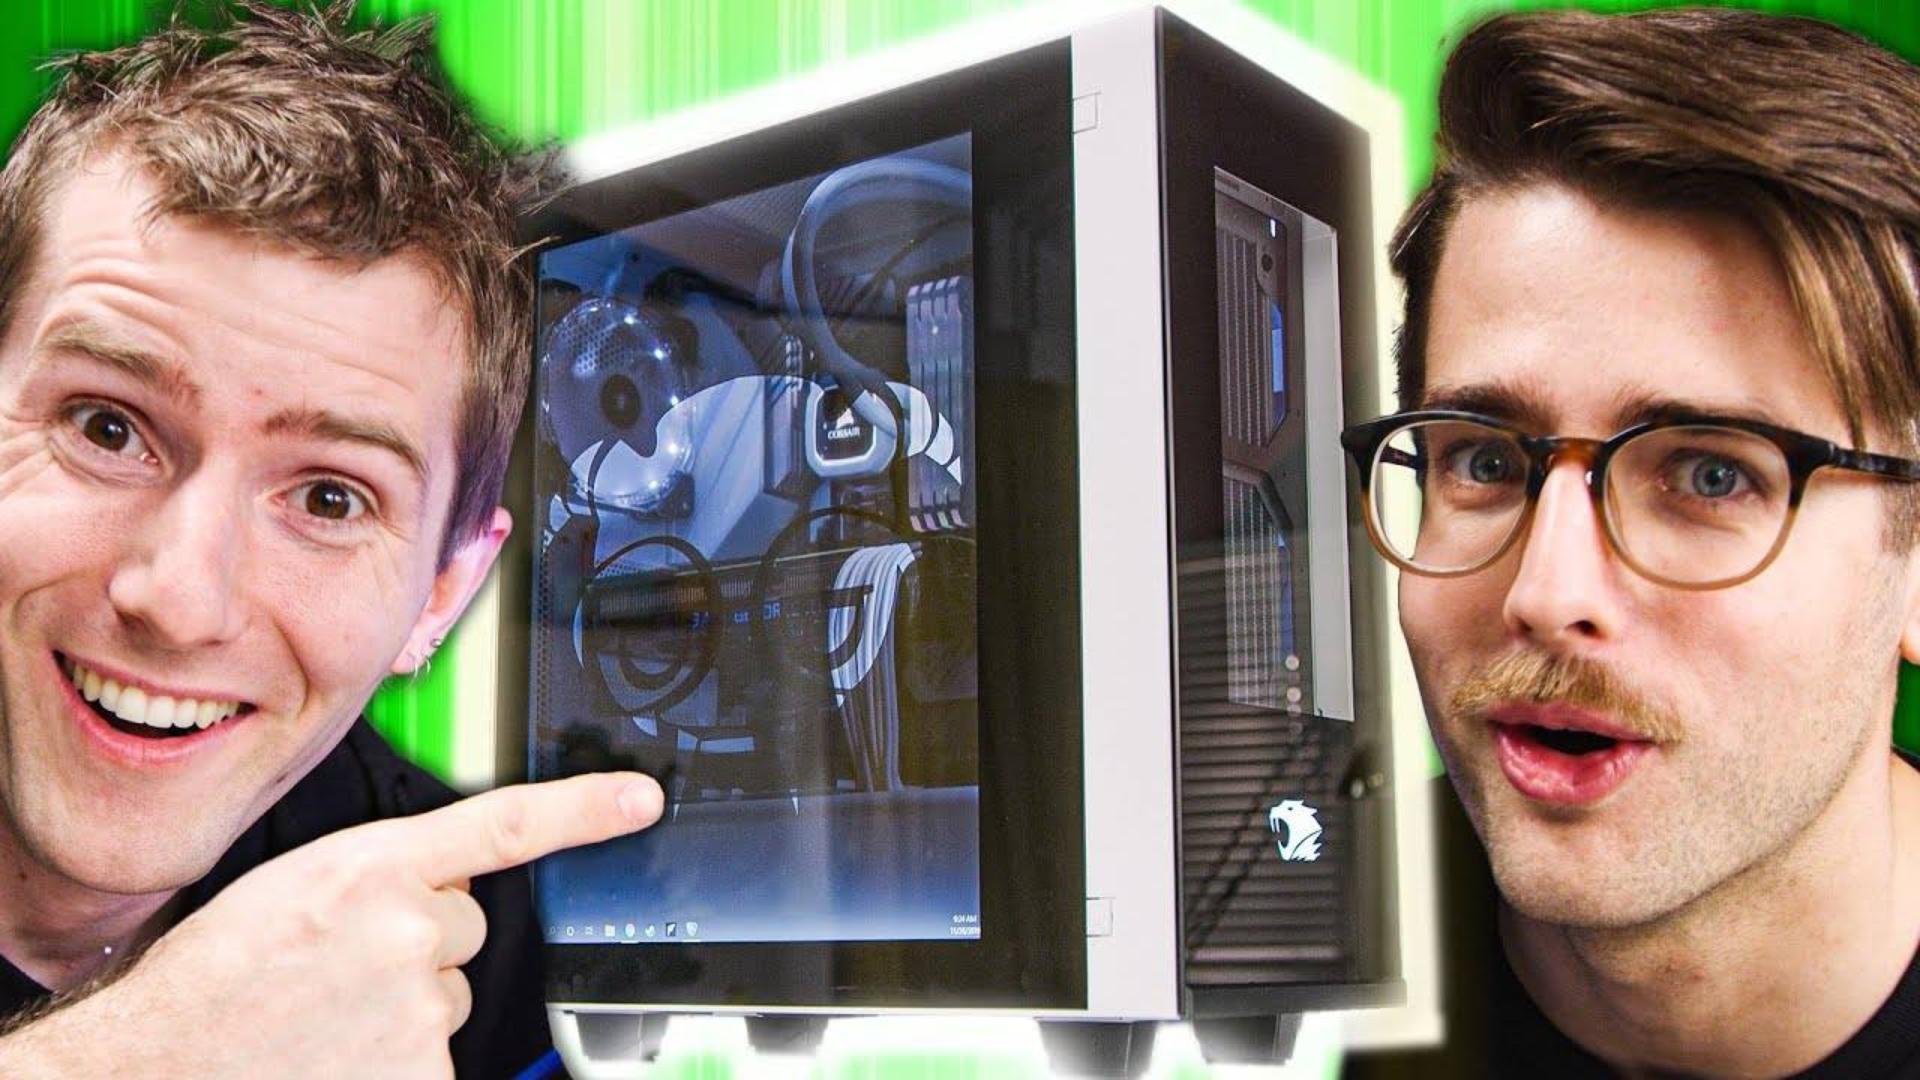 【官方双语】超整洁PC!(Newegg赞助)#linus谈科技